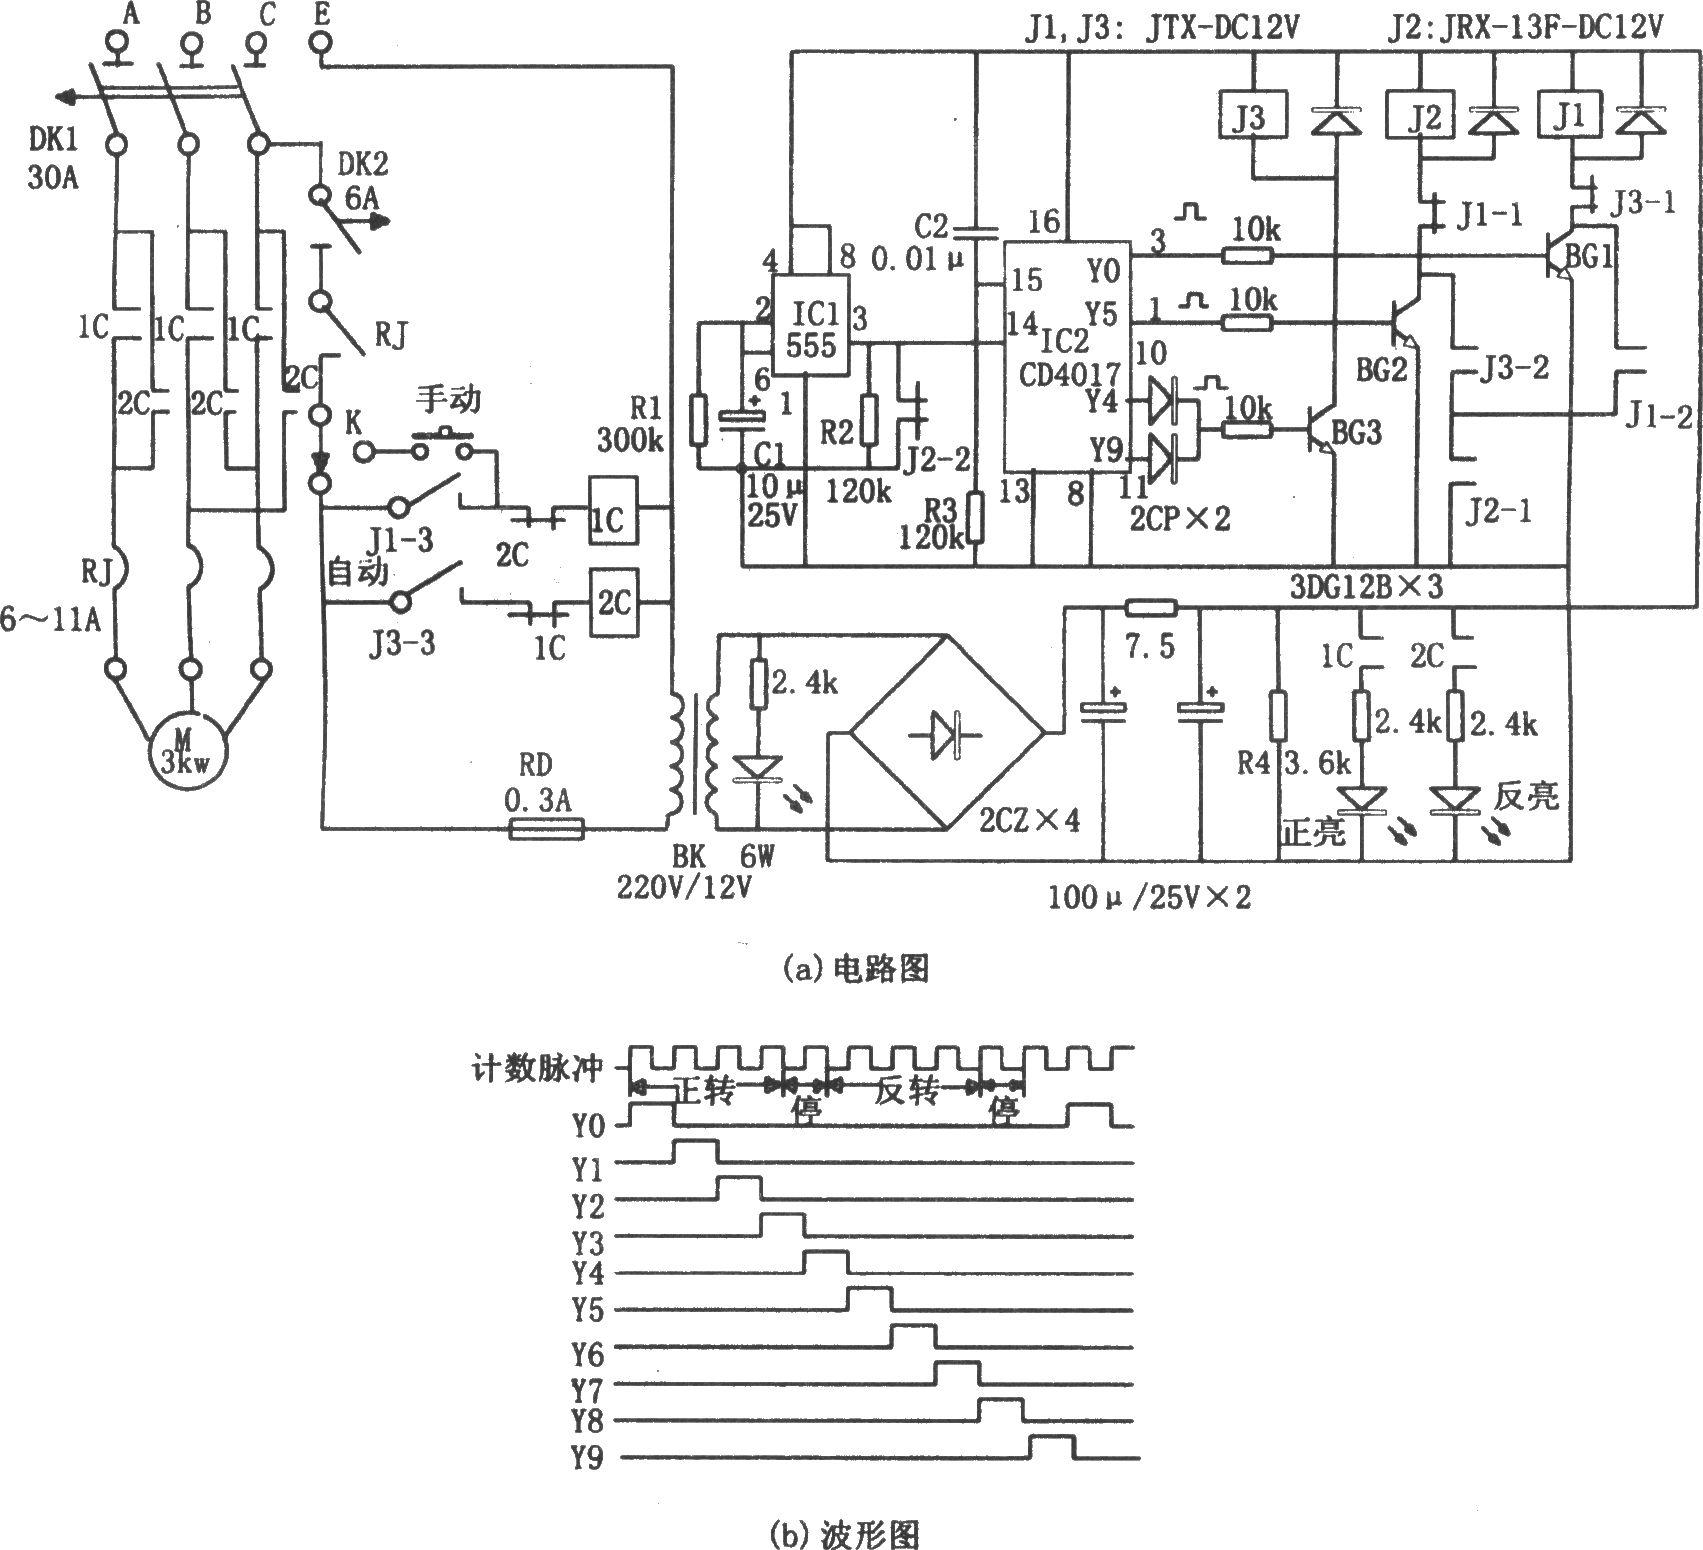 大型滚筒式洗衣机电控器 CD4017 555图片